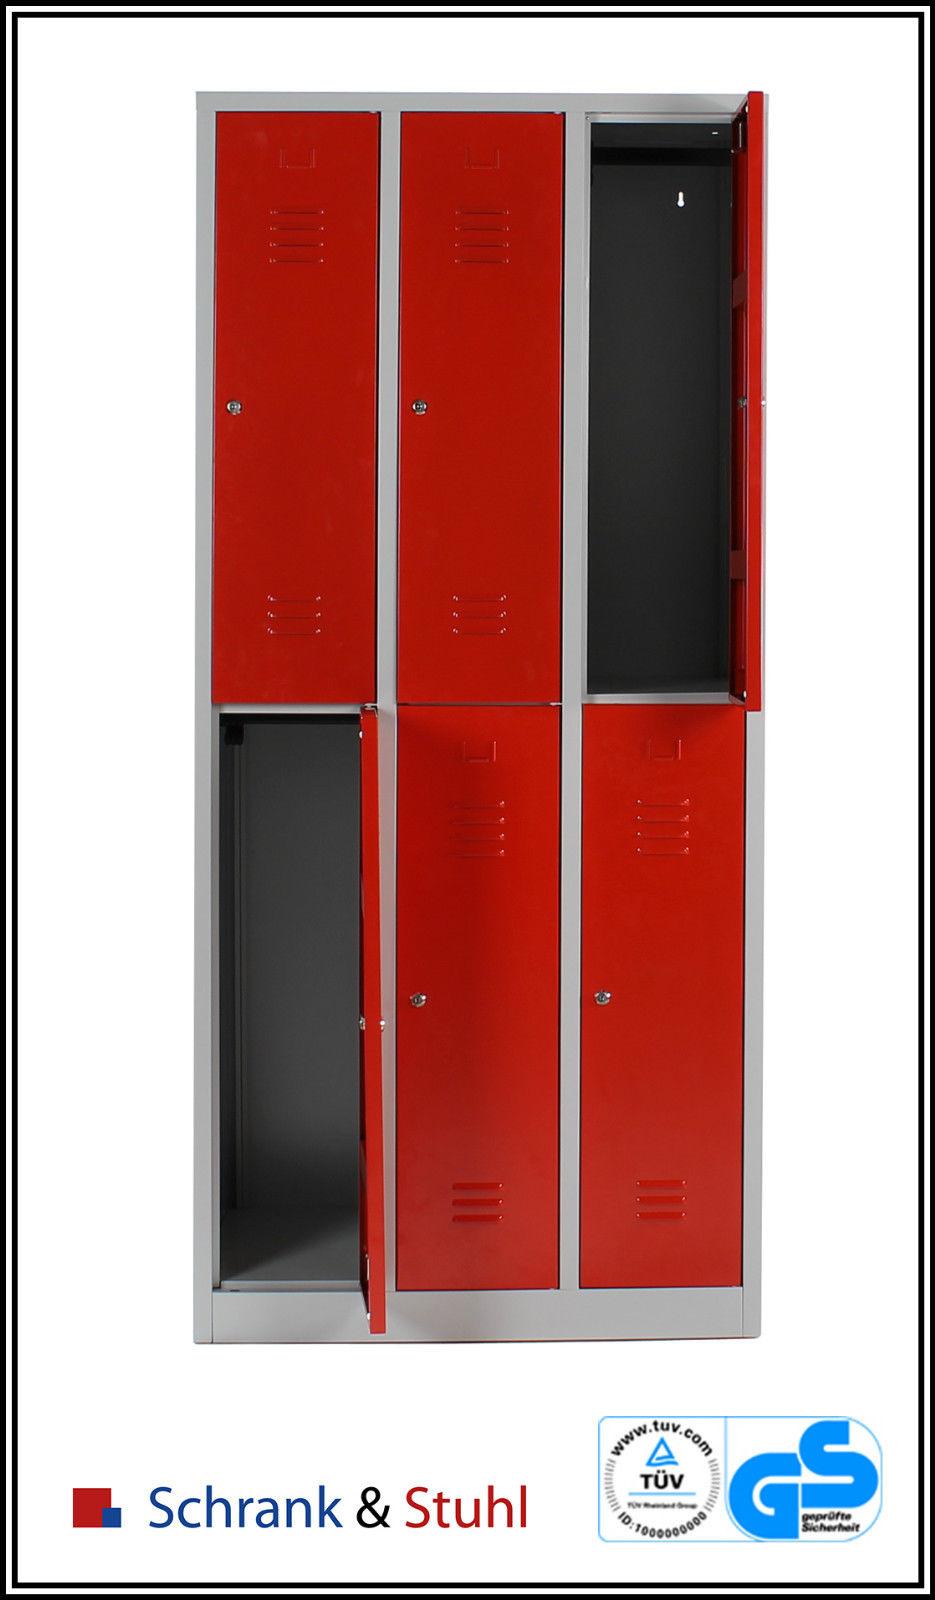 kleiderspind 2x3 abteile 6 f cher kleiderspint metallspind metallspint spind rot ebay. Black Bedroom Furniture Sets. Home Design Ideas